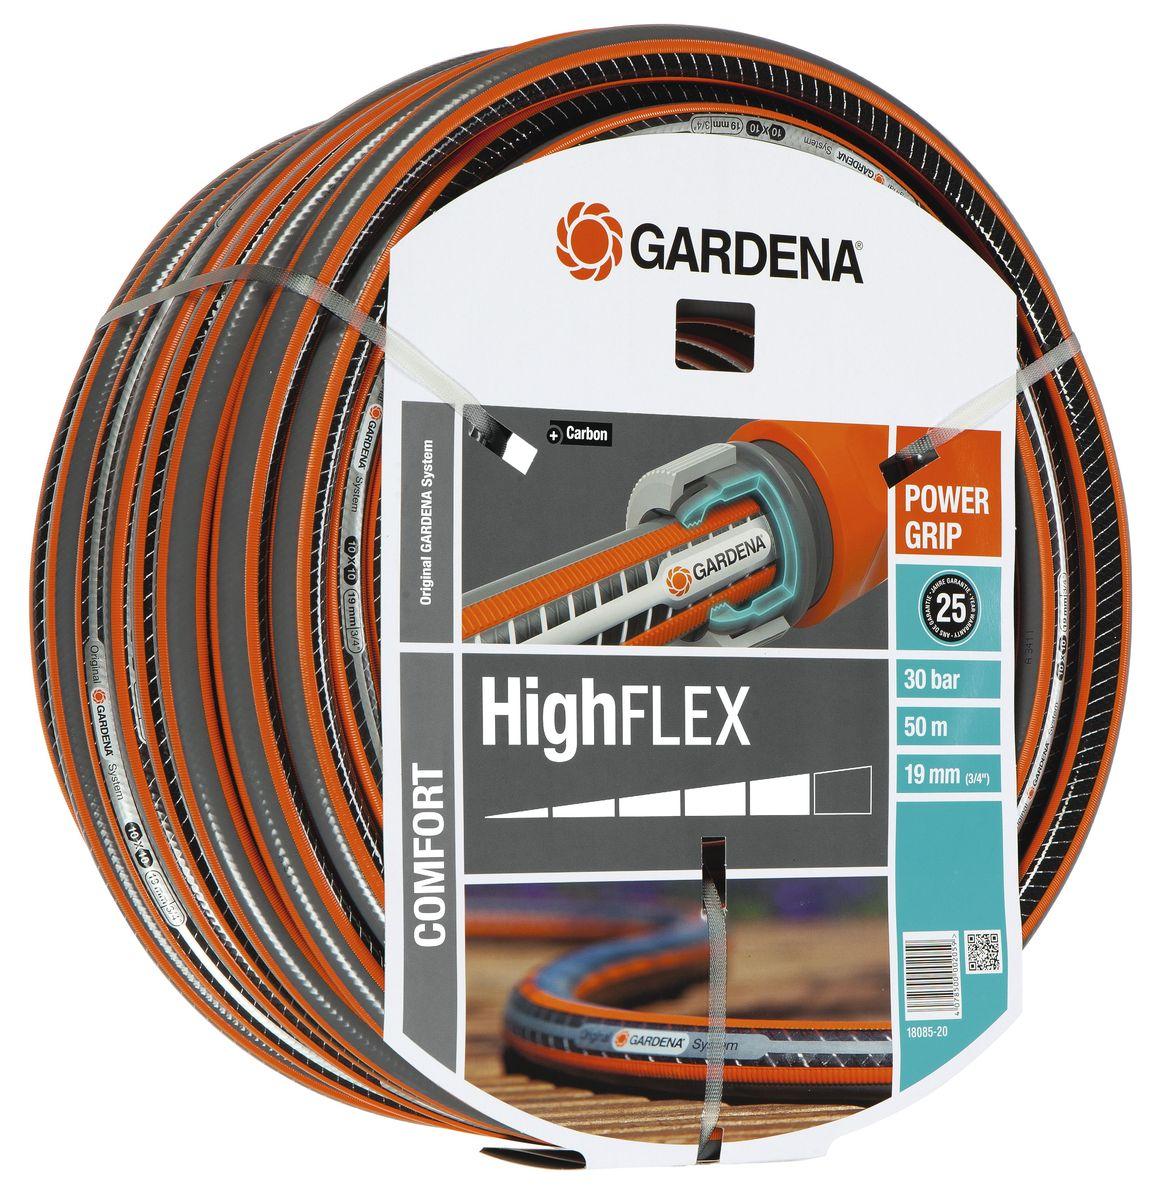 Шланг Highflex 10x10 3/4 х 50 м Gardena18085-20.000.00С ребристым профилем Power Grip для идеального соединения с коннекторами Базовой системы полива. Устойчивость к высокому давлению и сохранение формы благодаря спиралевидному текстильному армированию, усиленному углеродом. Не перегибается, не спутывается.